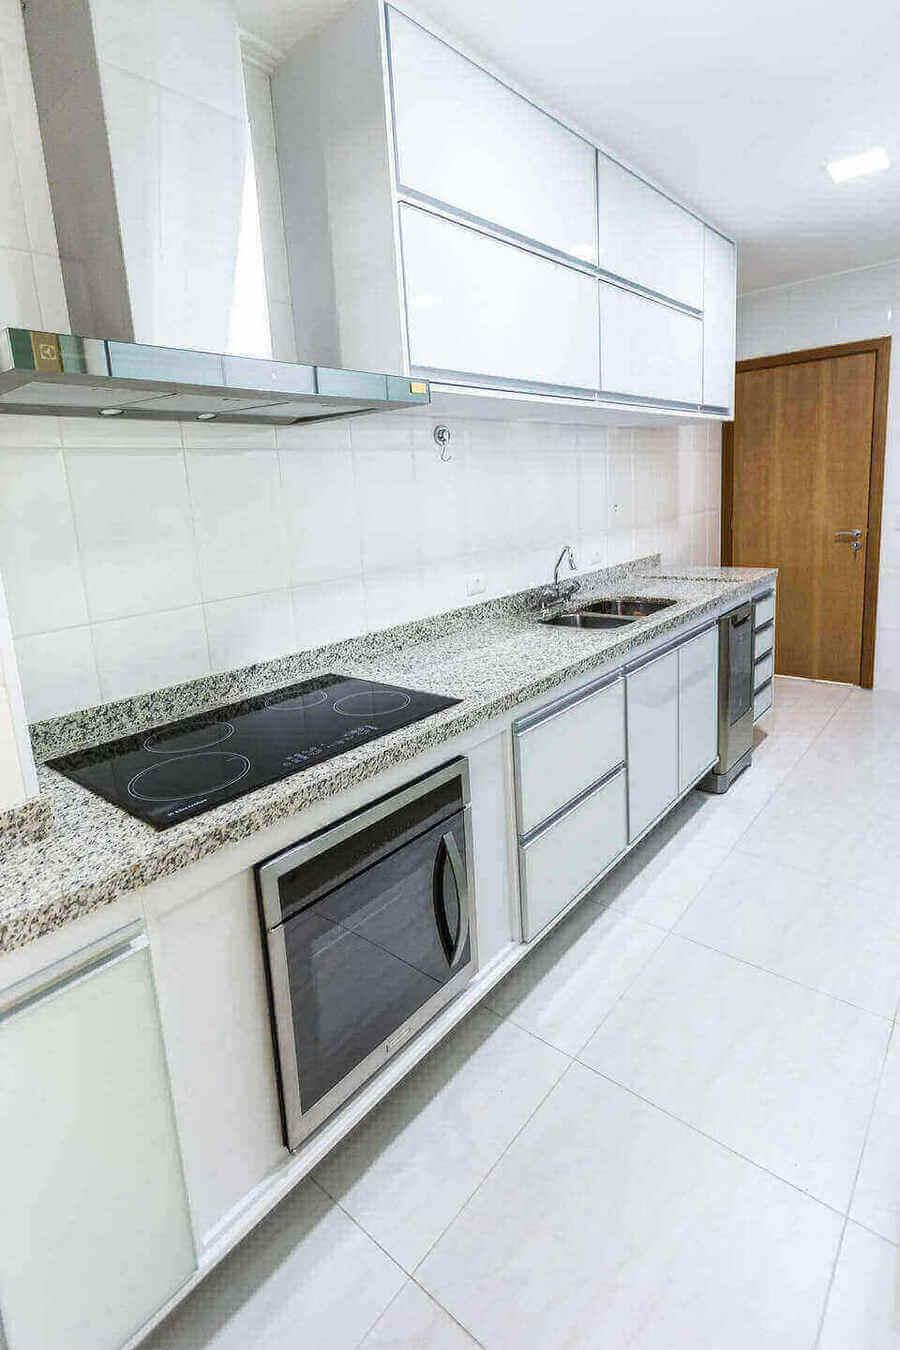 fogão cooktop - cozinha branca com bancada de granito e cooktop